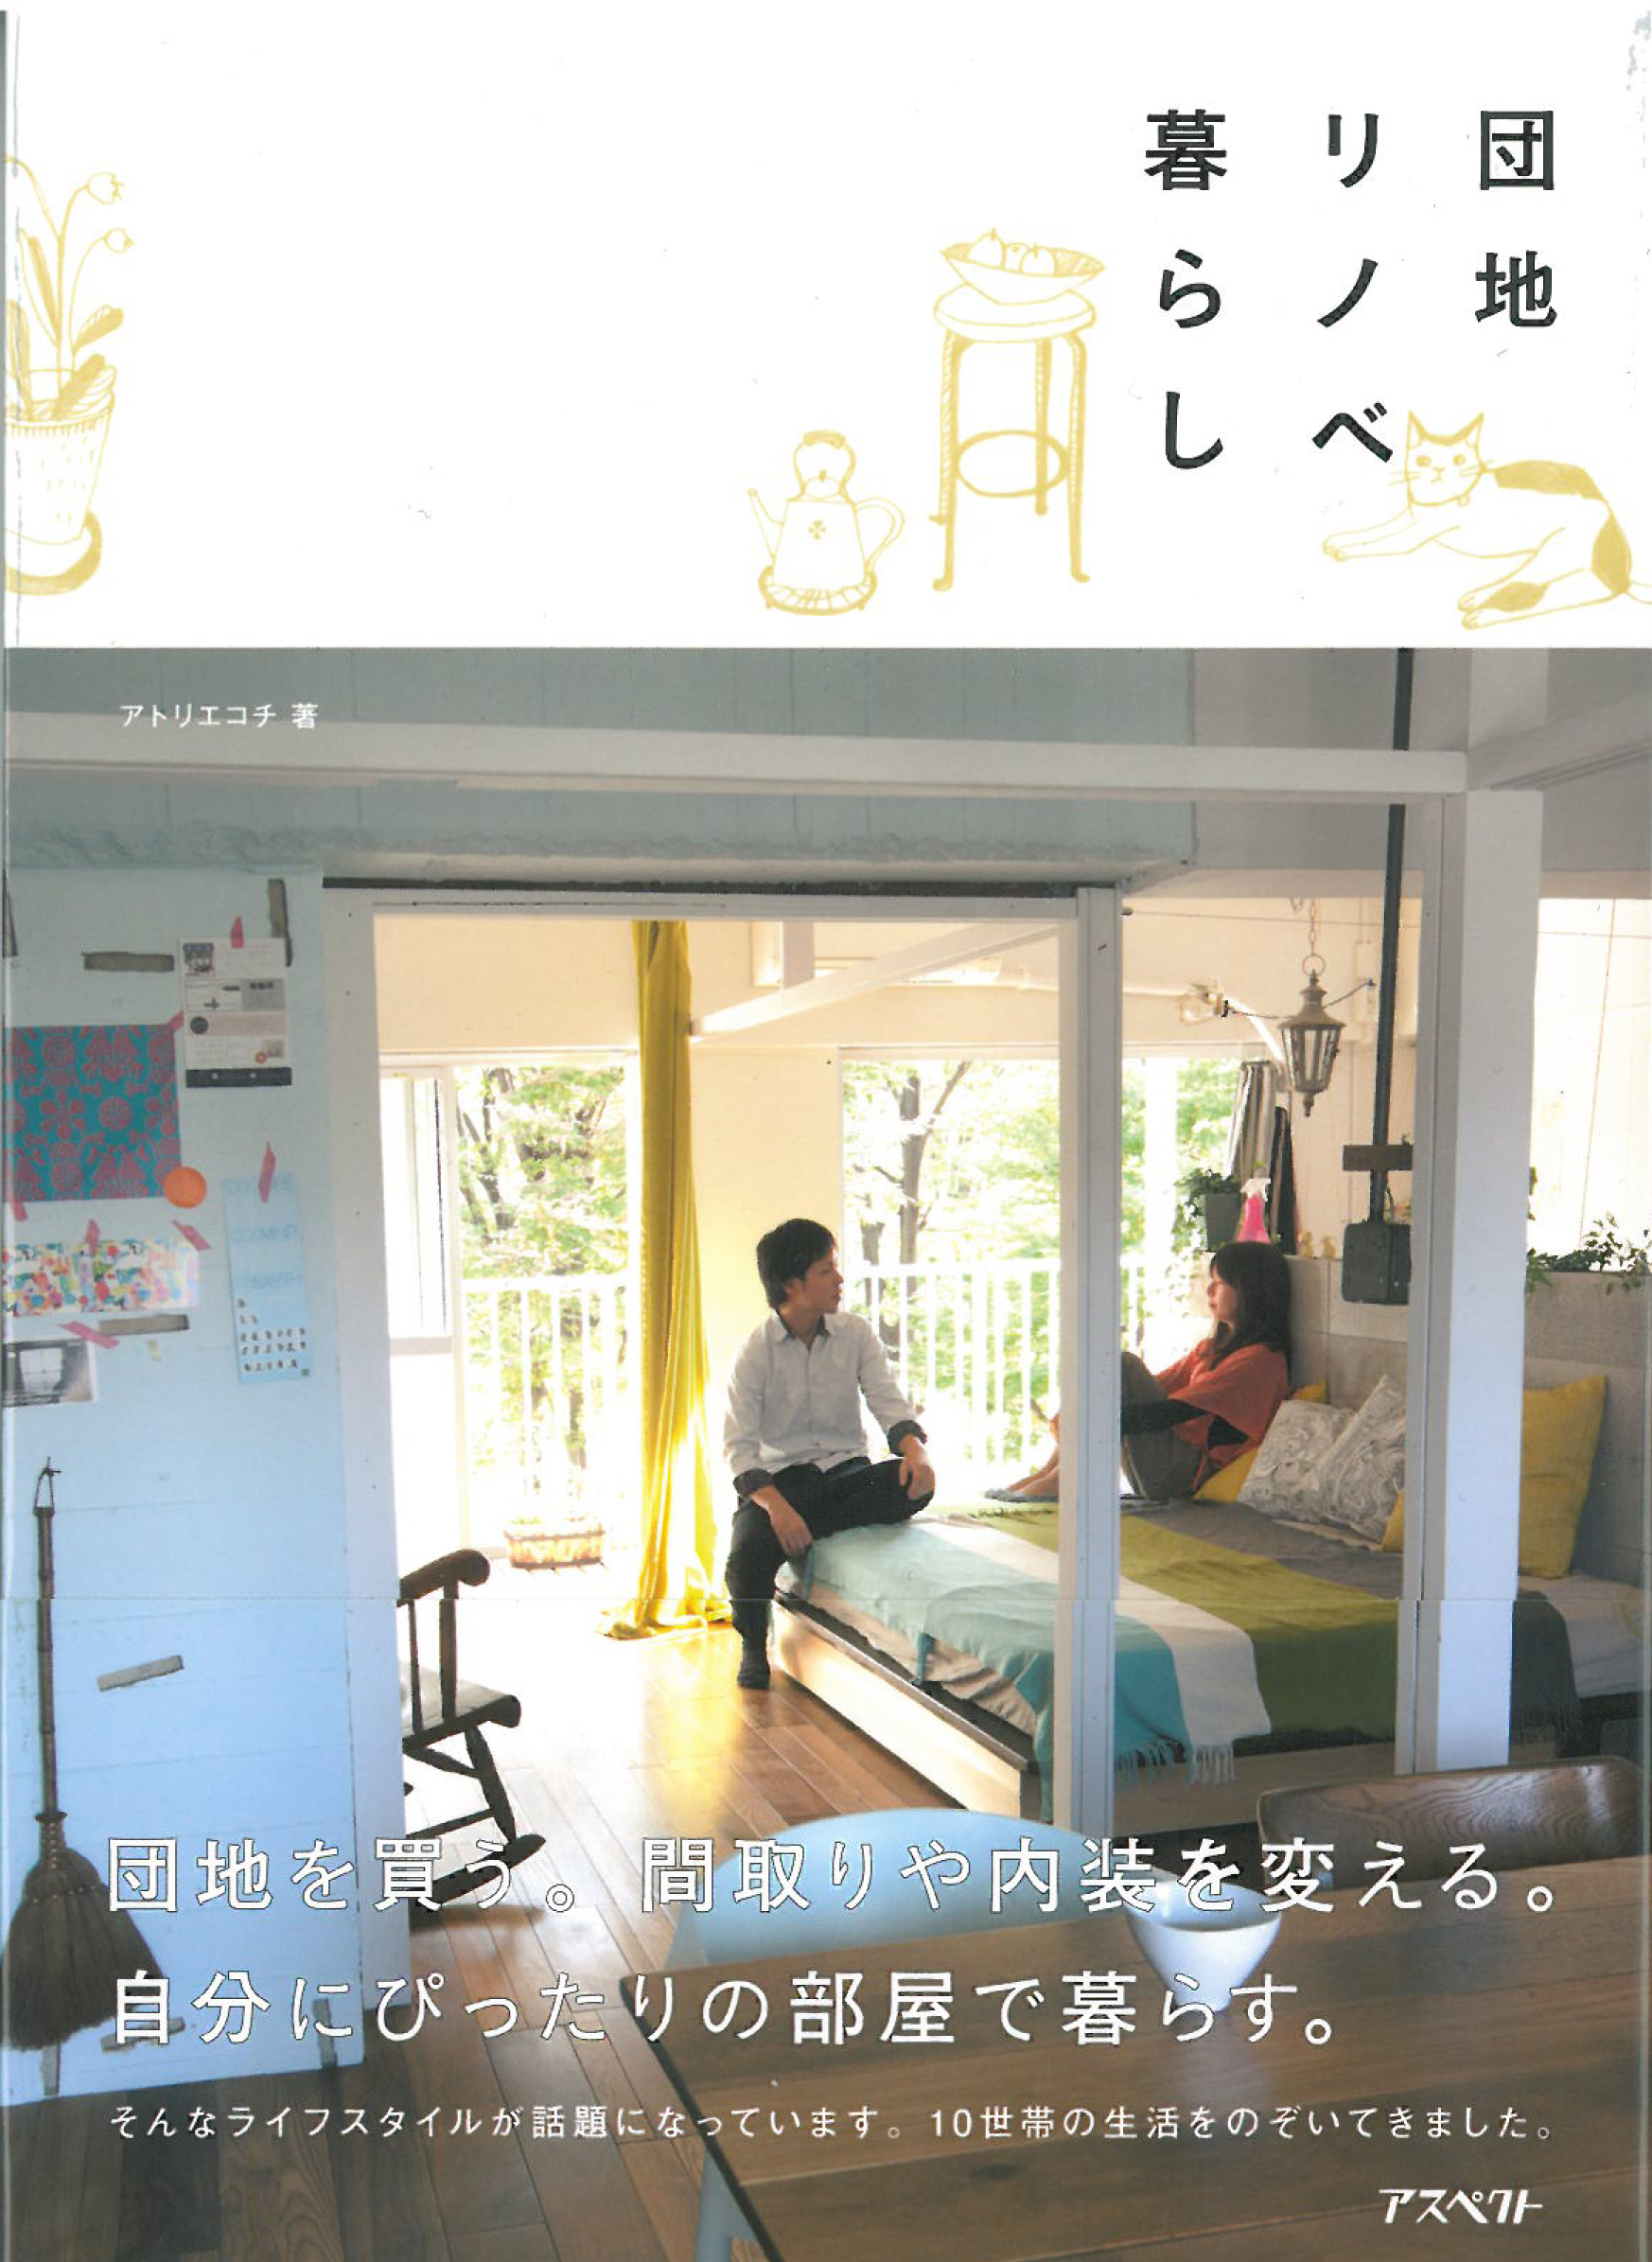 マスコミ掲載 団地リノベ暮らし 単行本が発売されました。